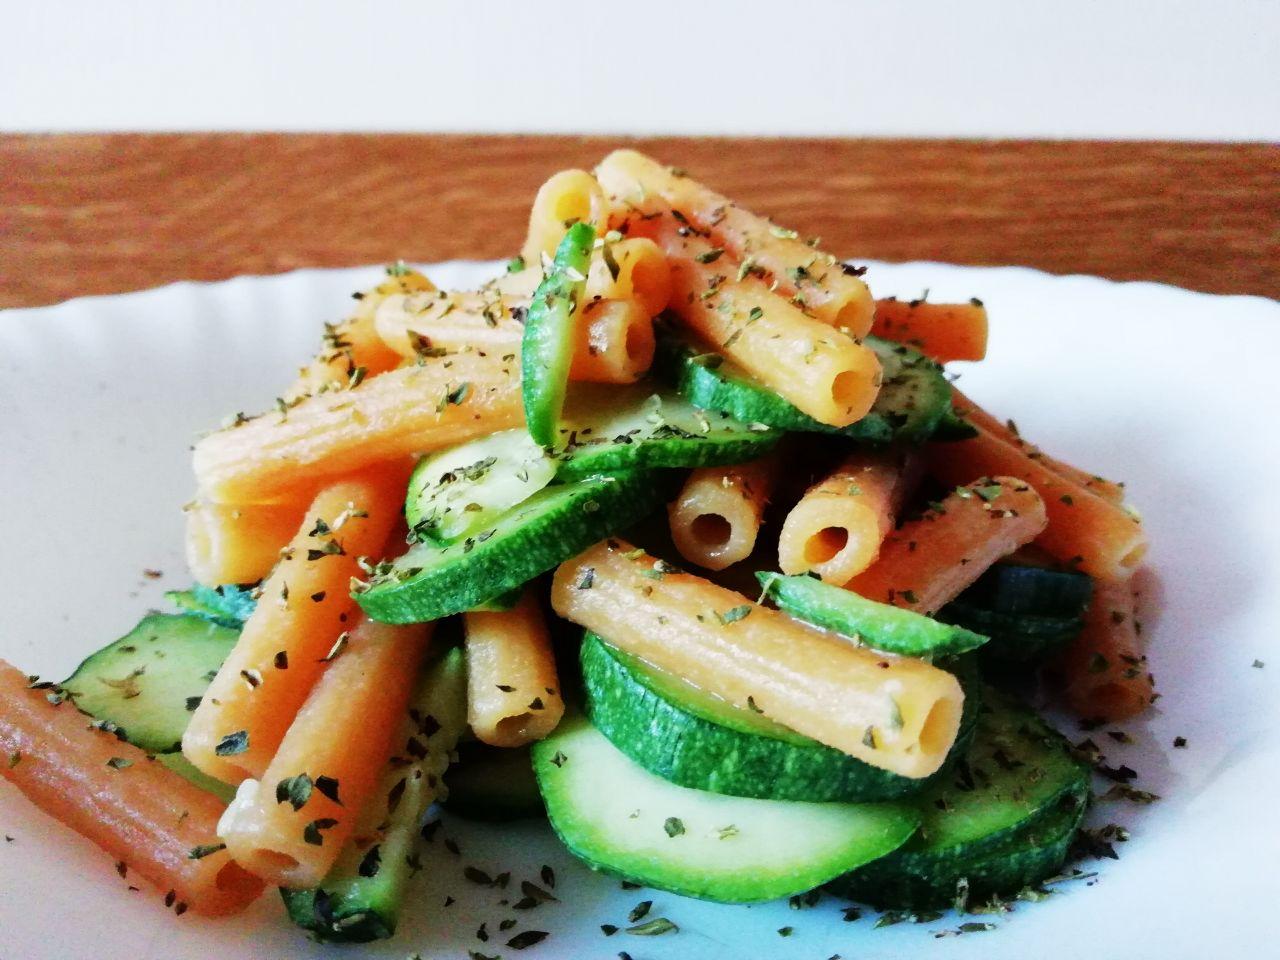 Primi piatti senza glutine: sedanini di lenticchie alle zucchine!